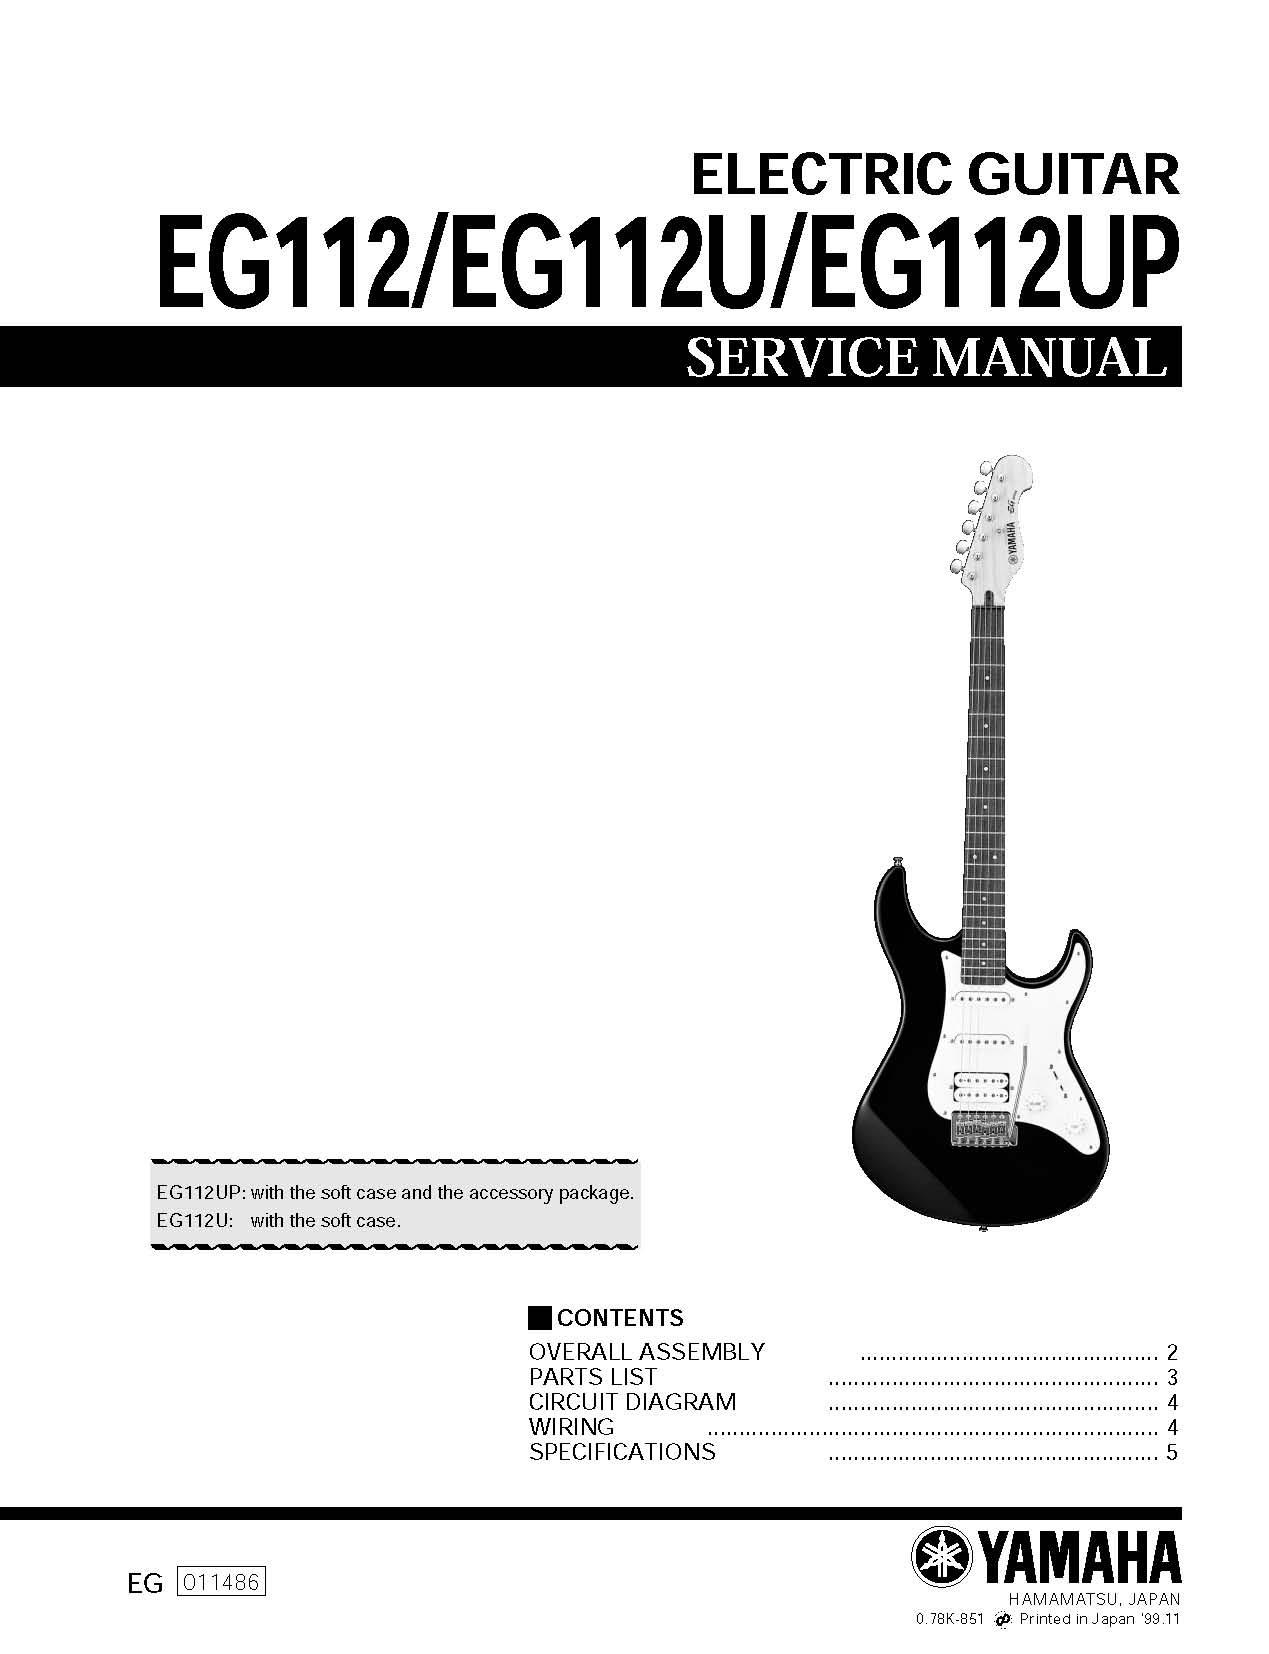 Yamaha Eg112c Wiring Diagram - Wiring Diagram G9 on